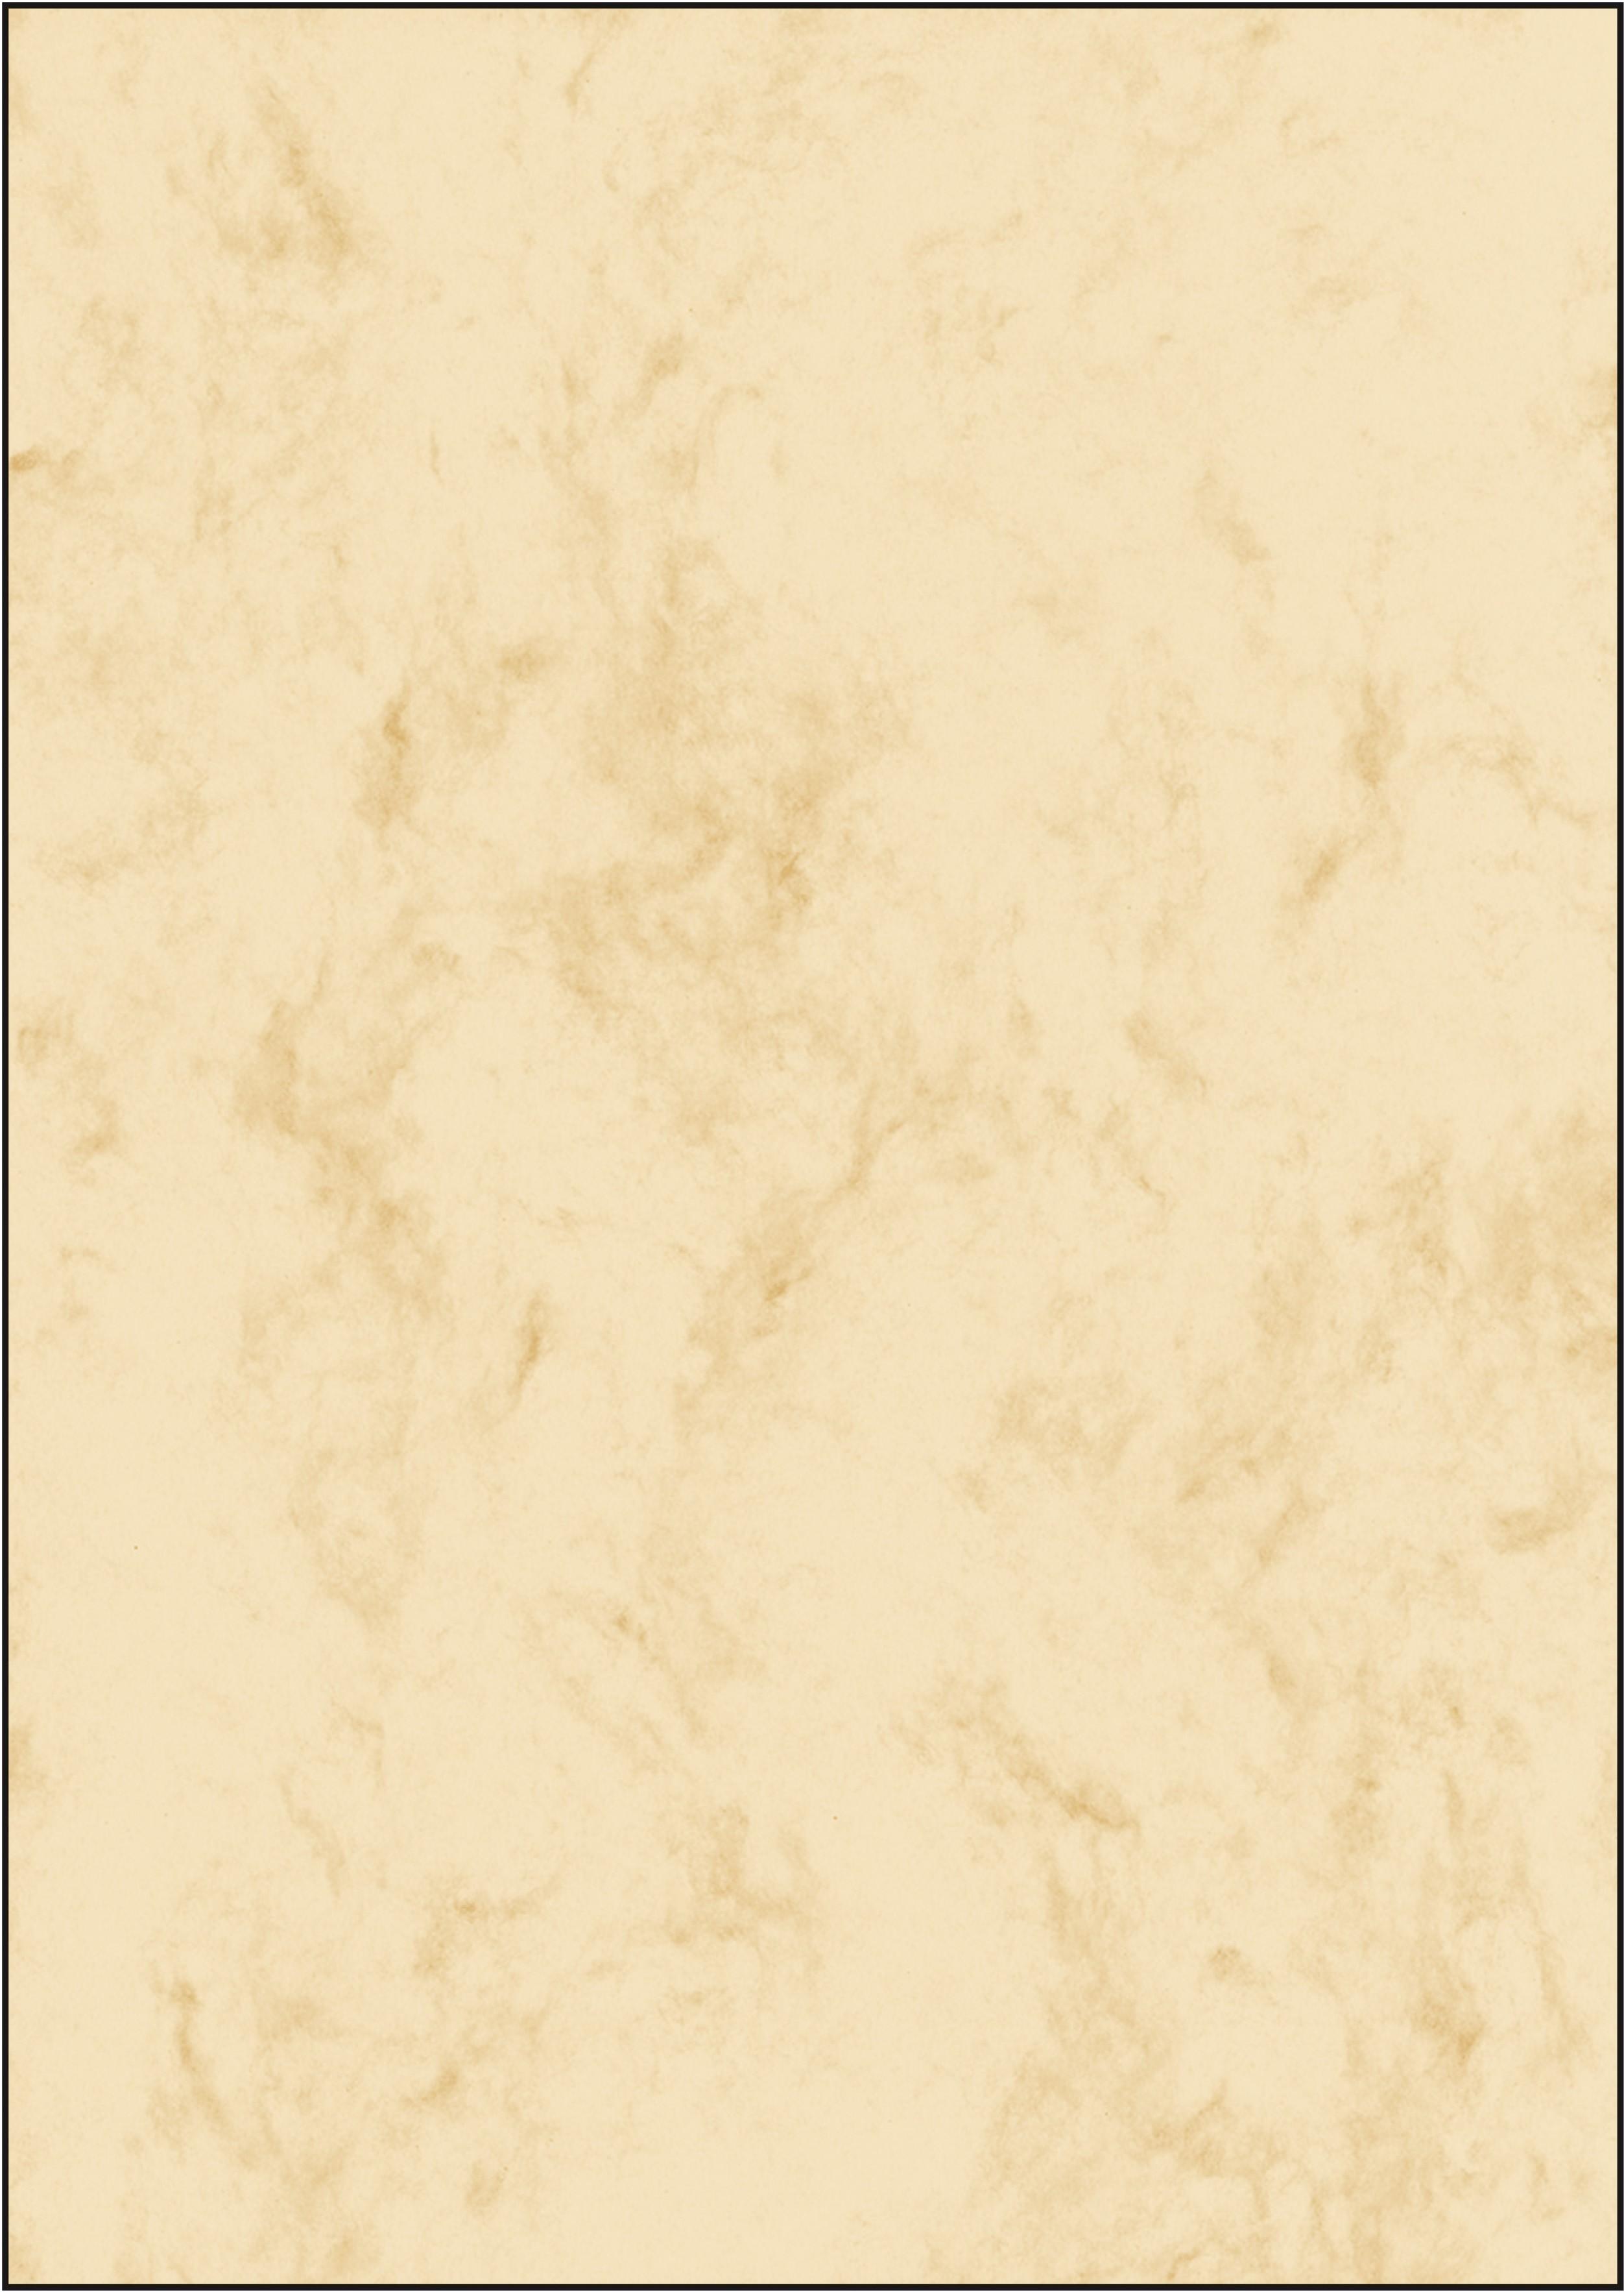 Papier créatif marbré beige